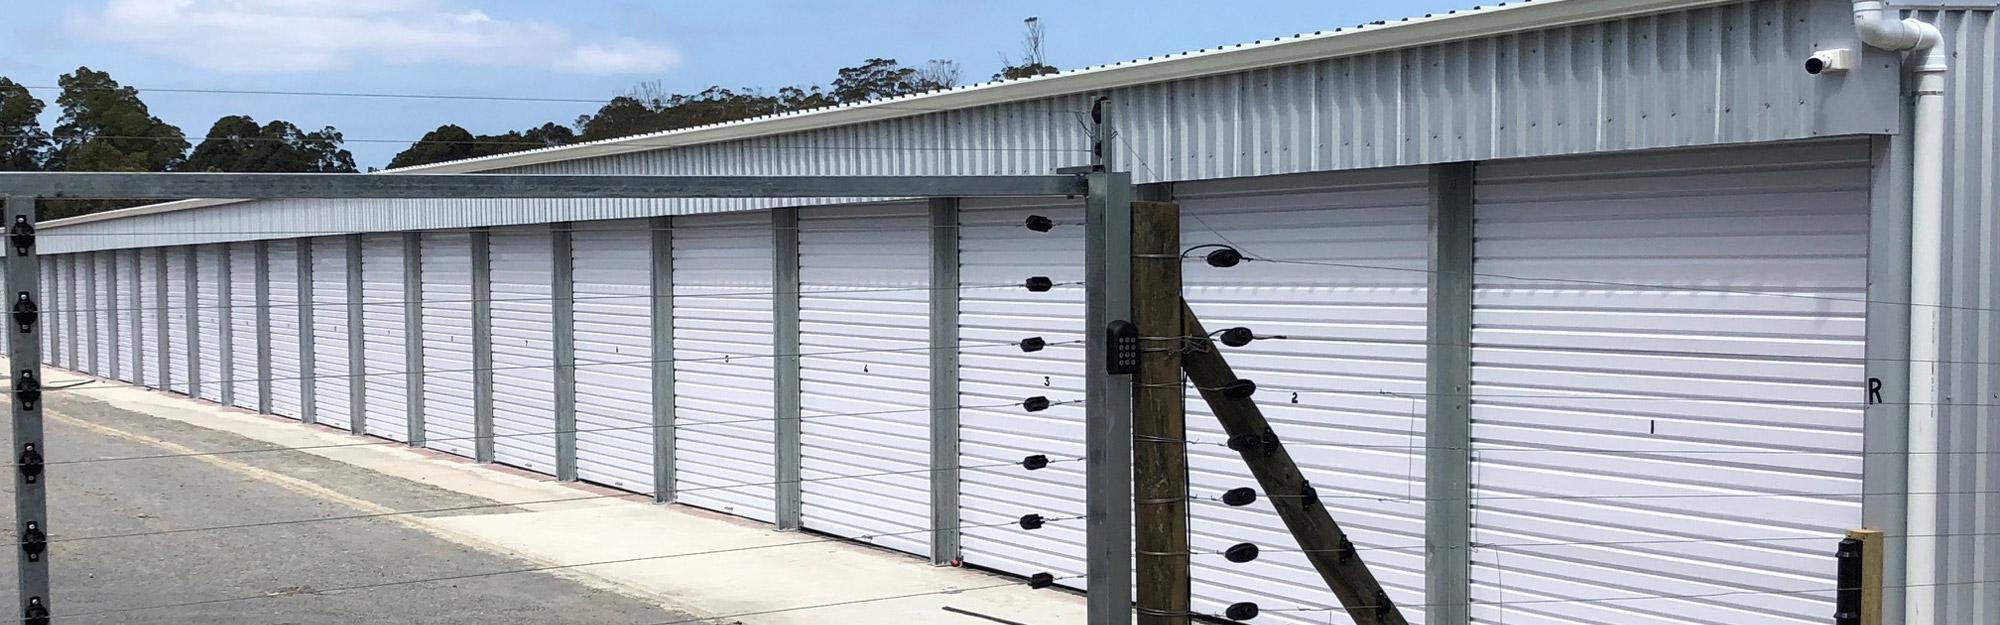 allsure-garage-storage-security